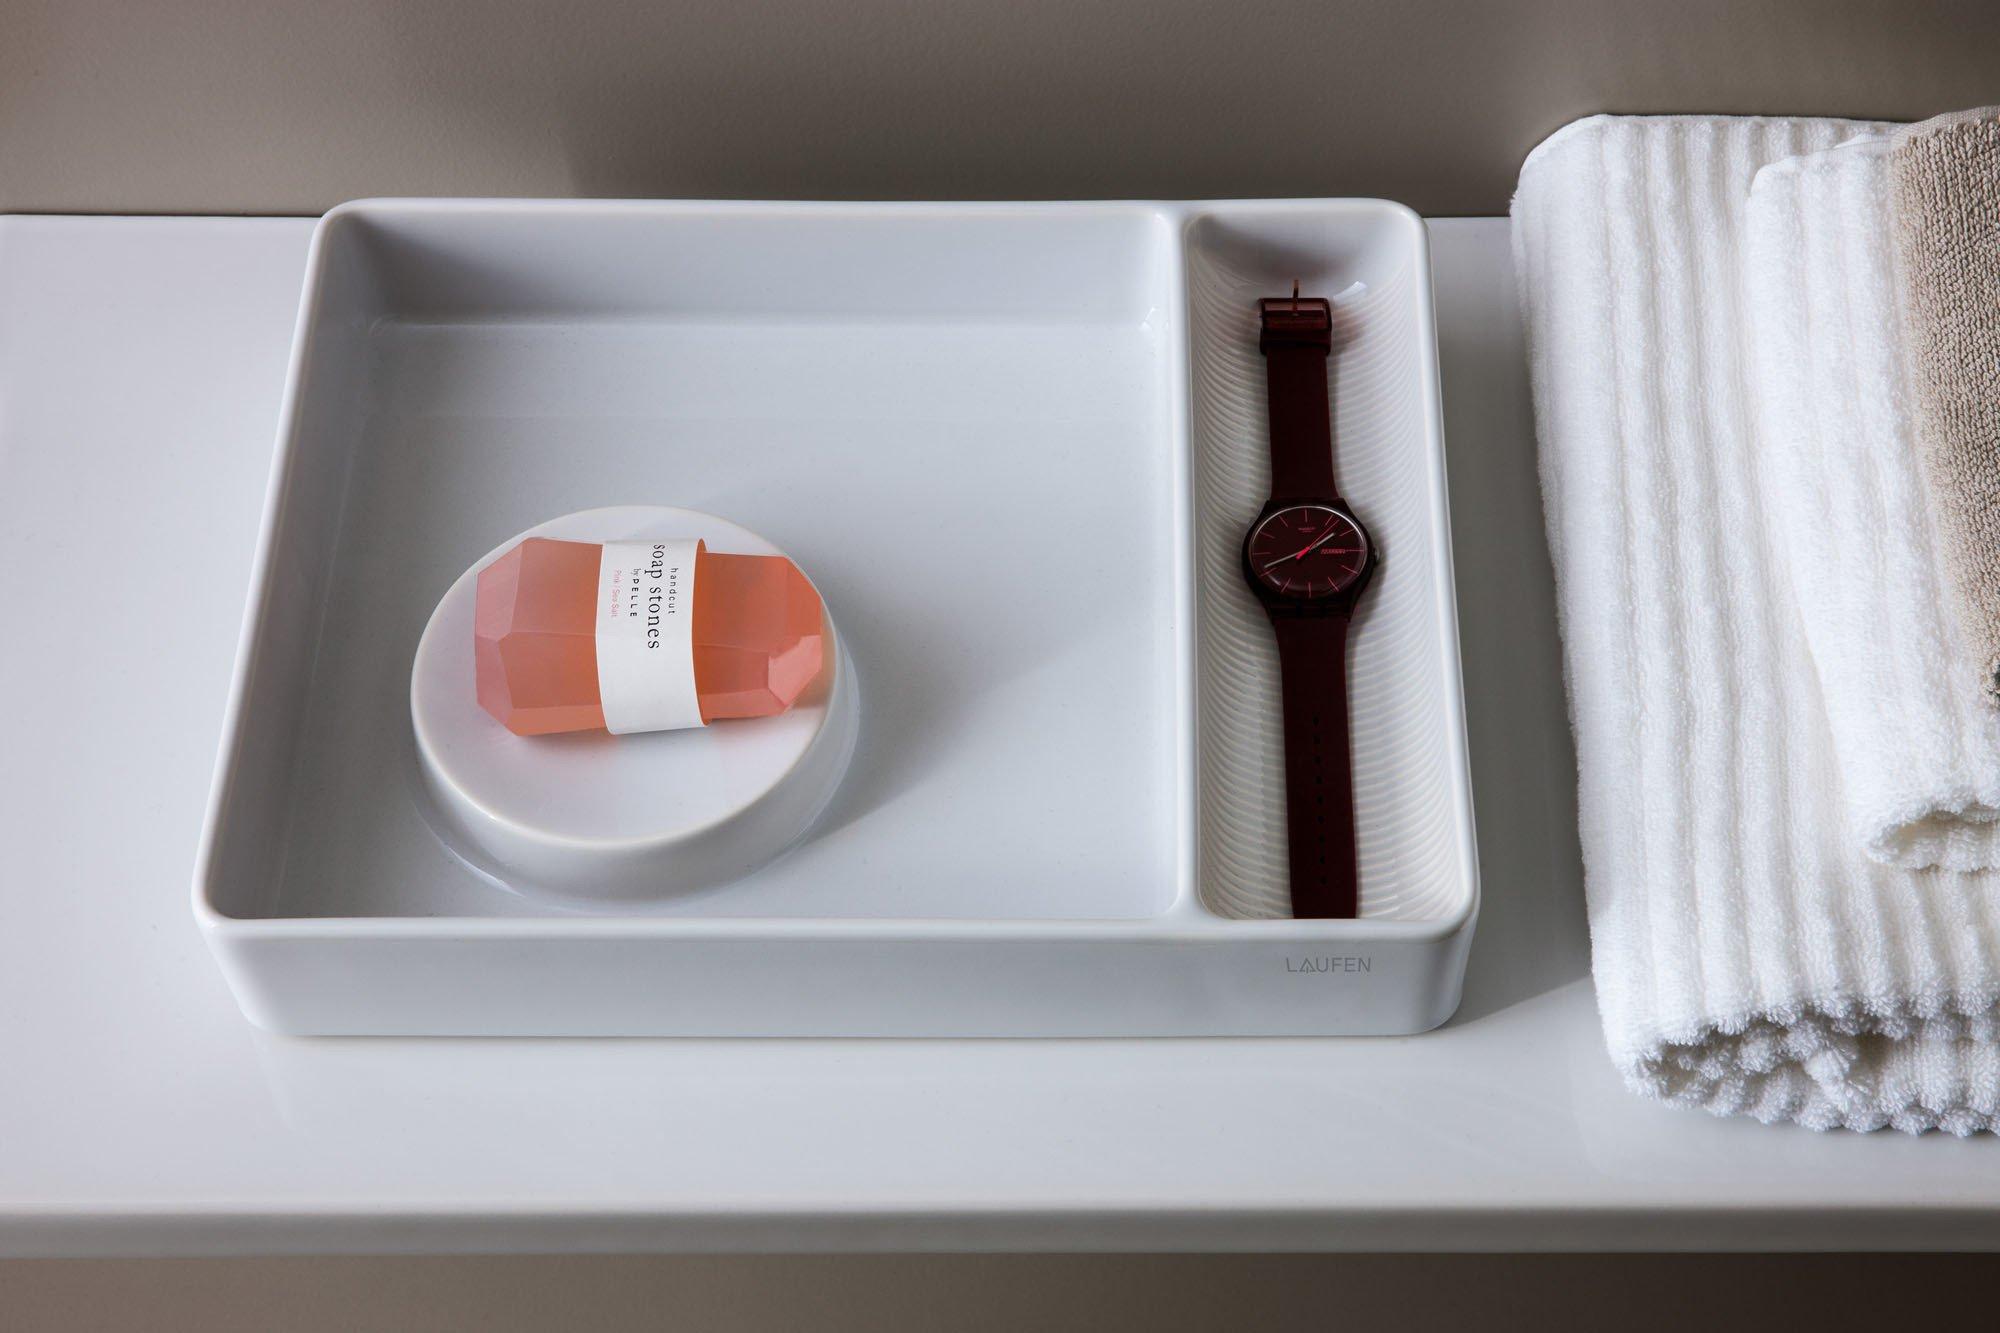 Dünnwandige Badobjekte | Bad und Sanitär | News/Produkte ...